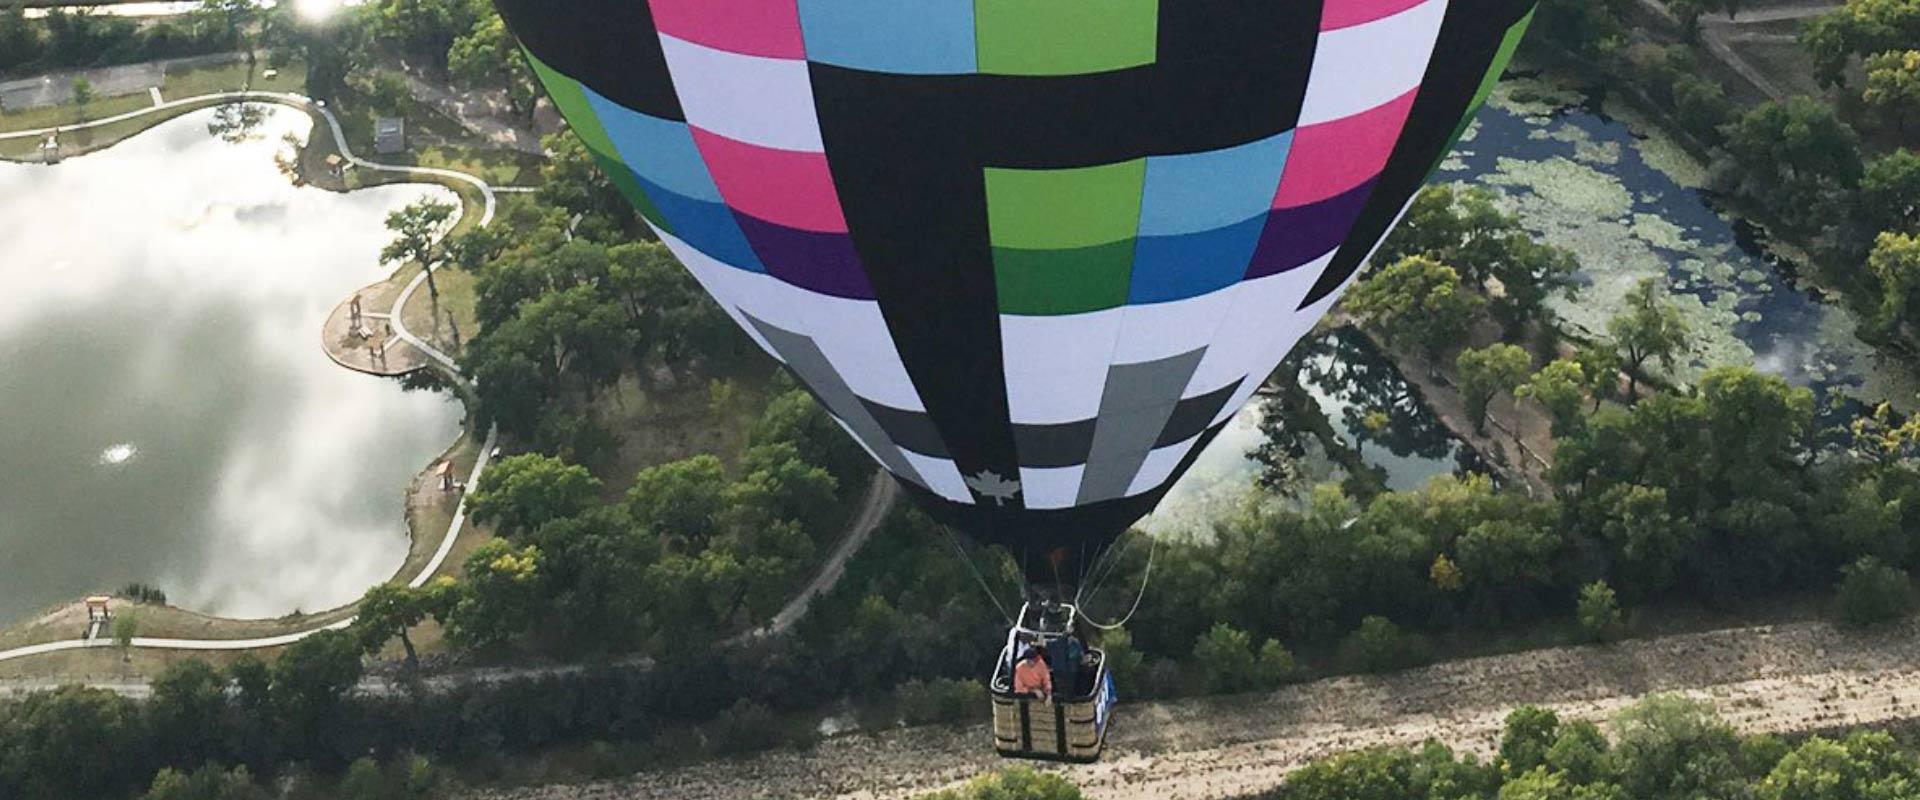 Enjoy Breathtaking Views with Balloon Rides